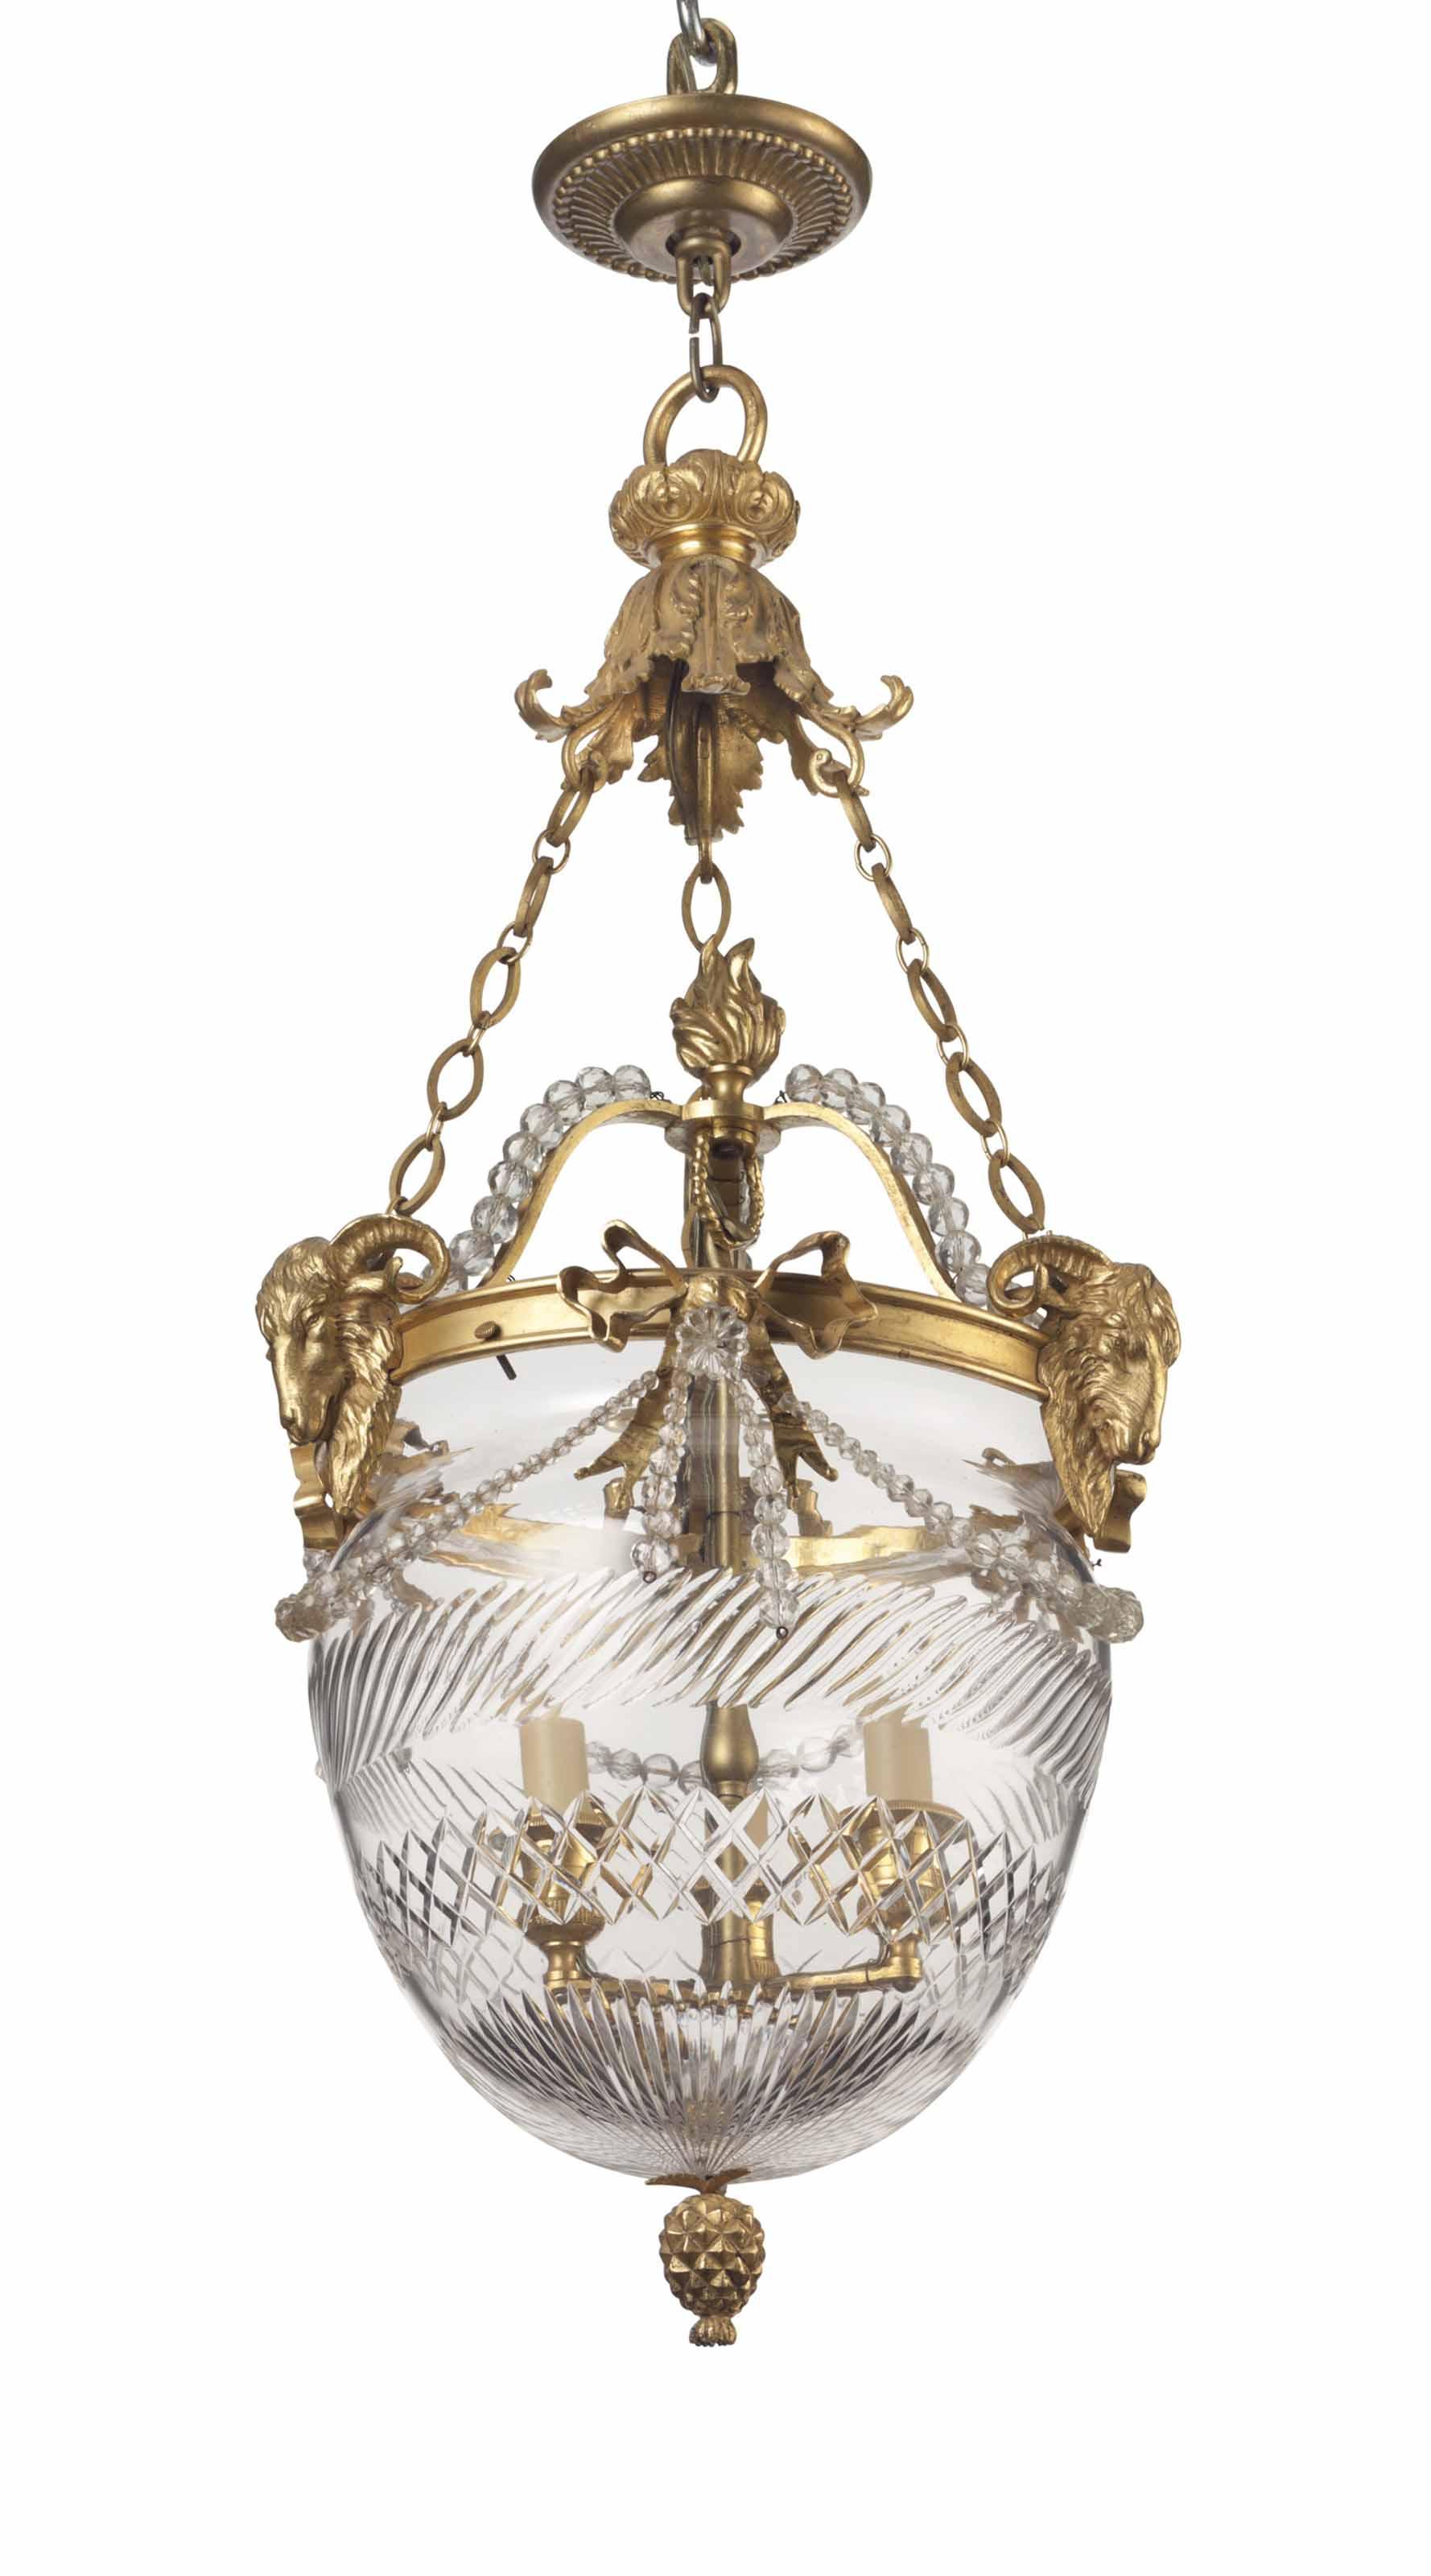 A FRENCH ORMOLU AND CUT-GLASS HALL LANTERN